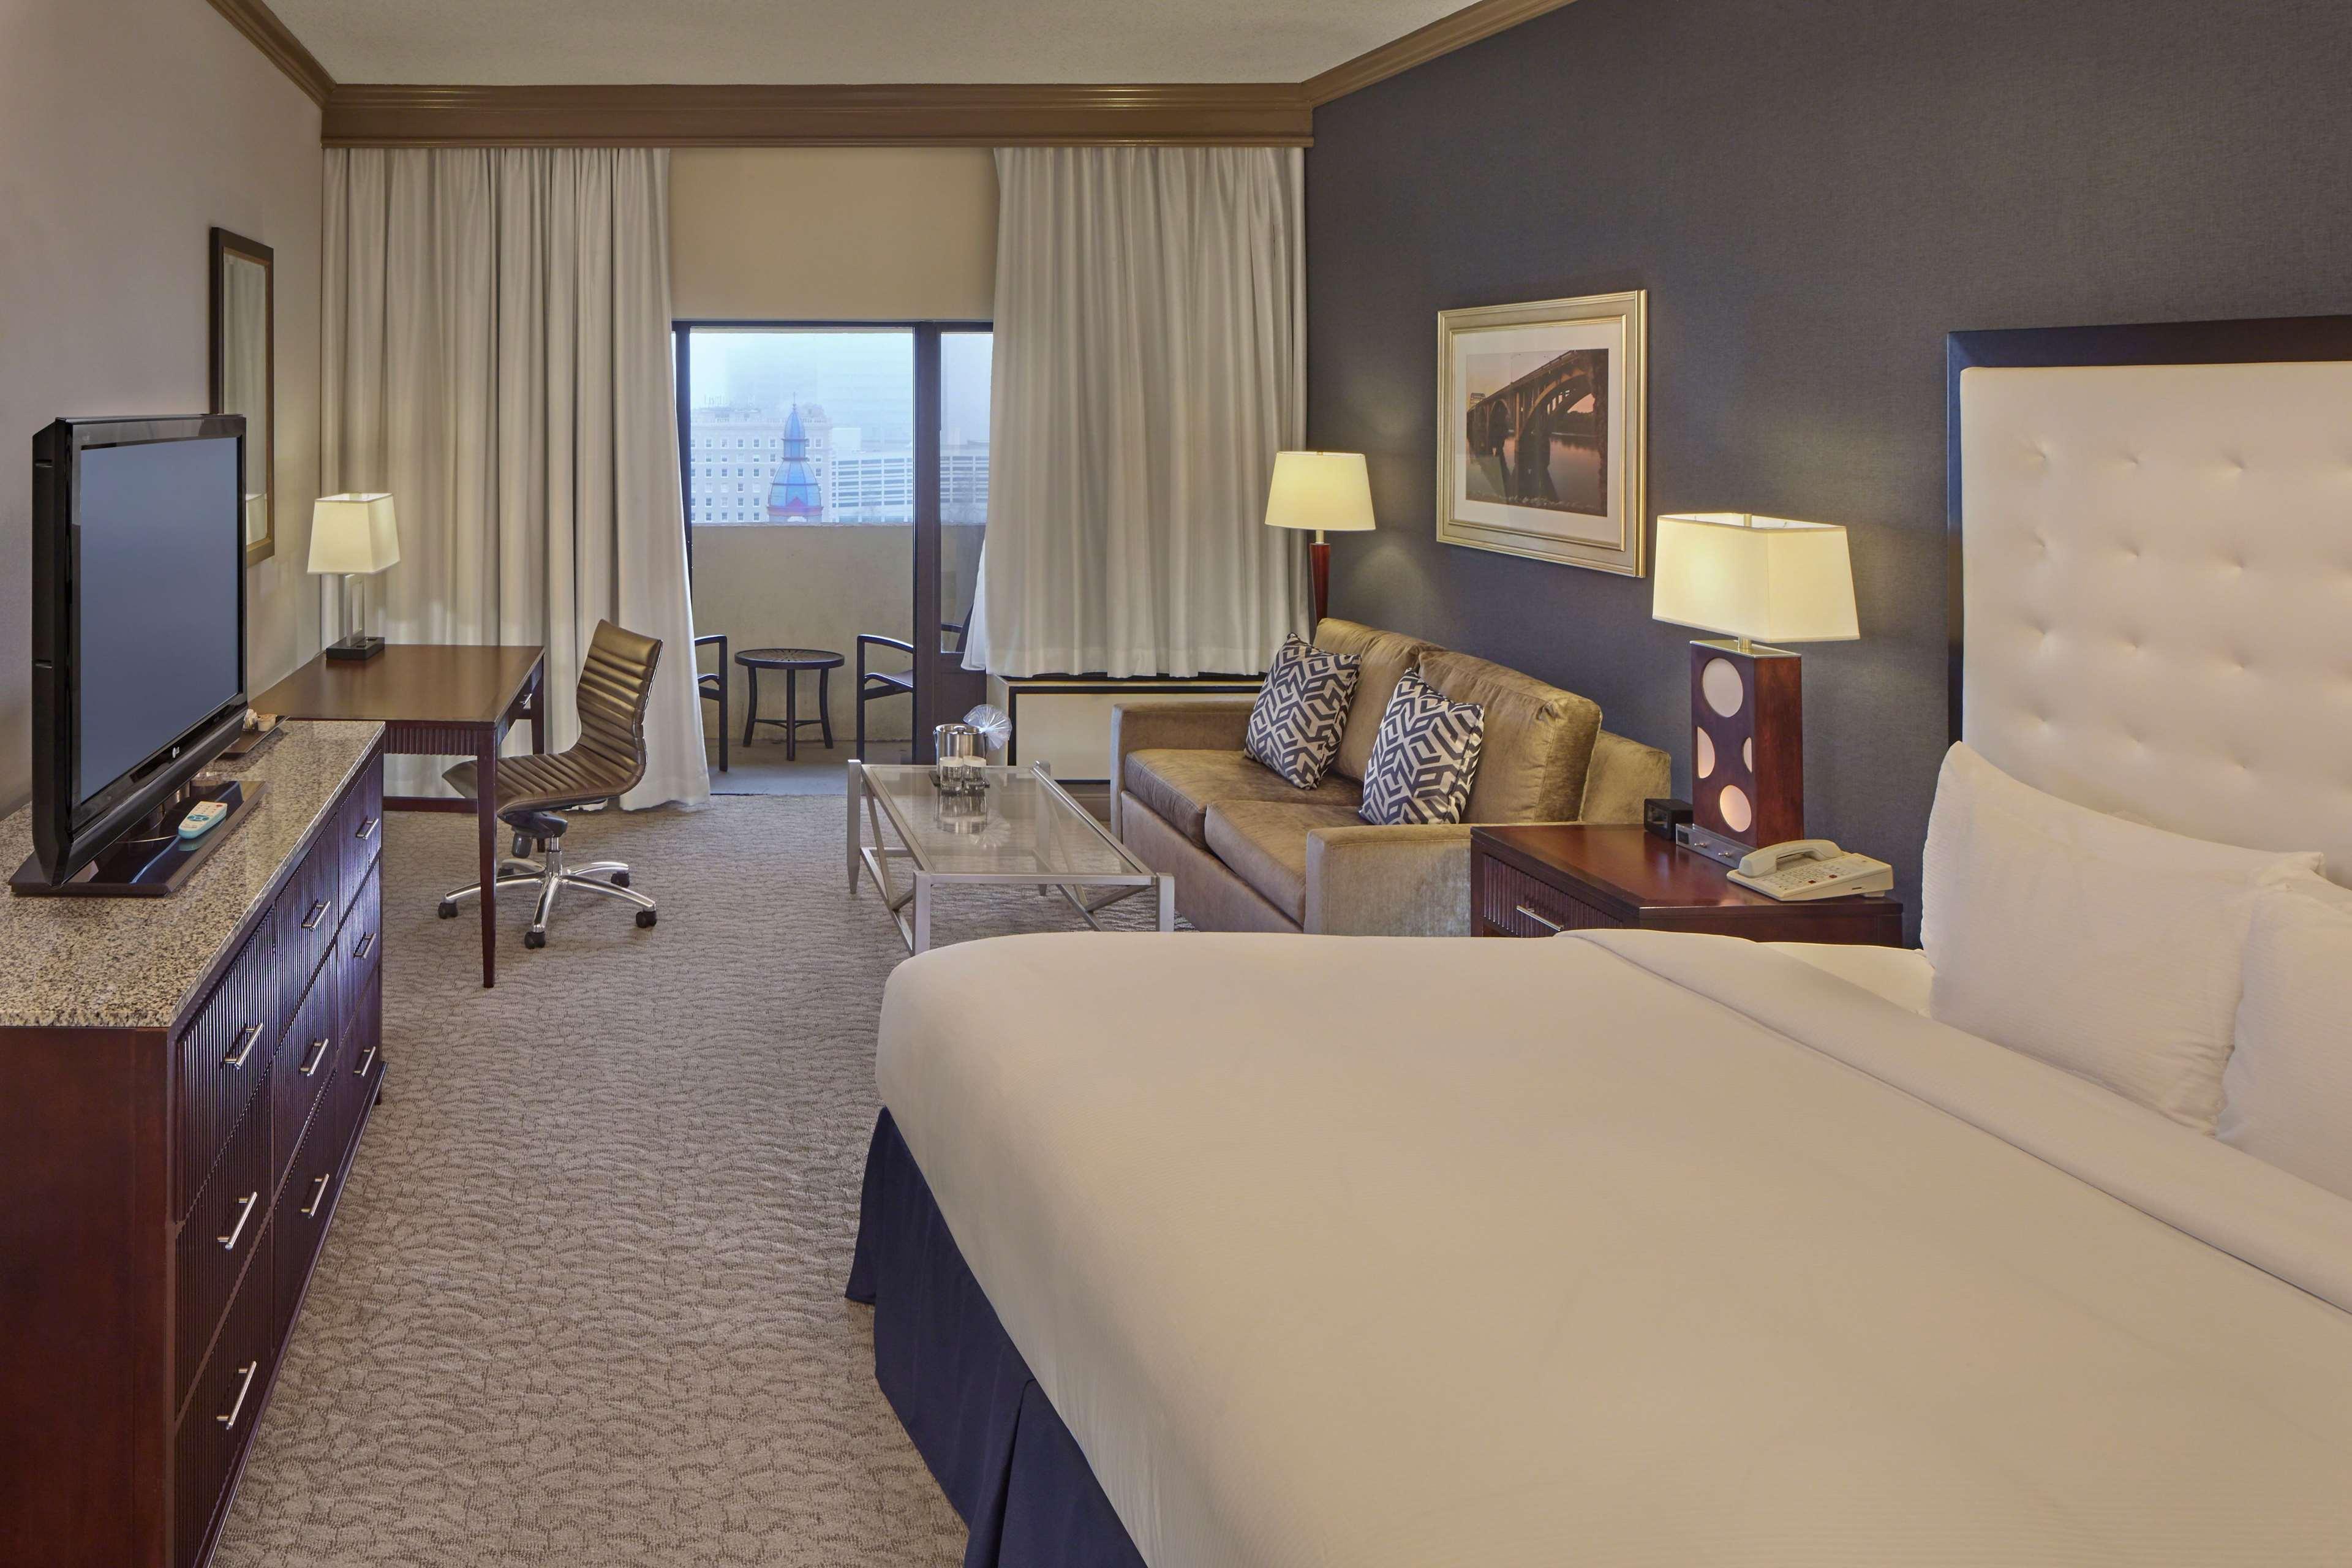 DoubleTree by Hilton Hotel Little Rock image 25